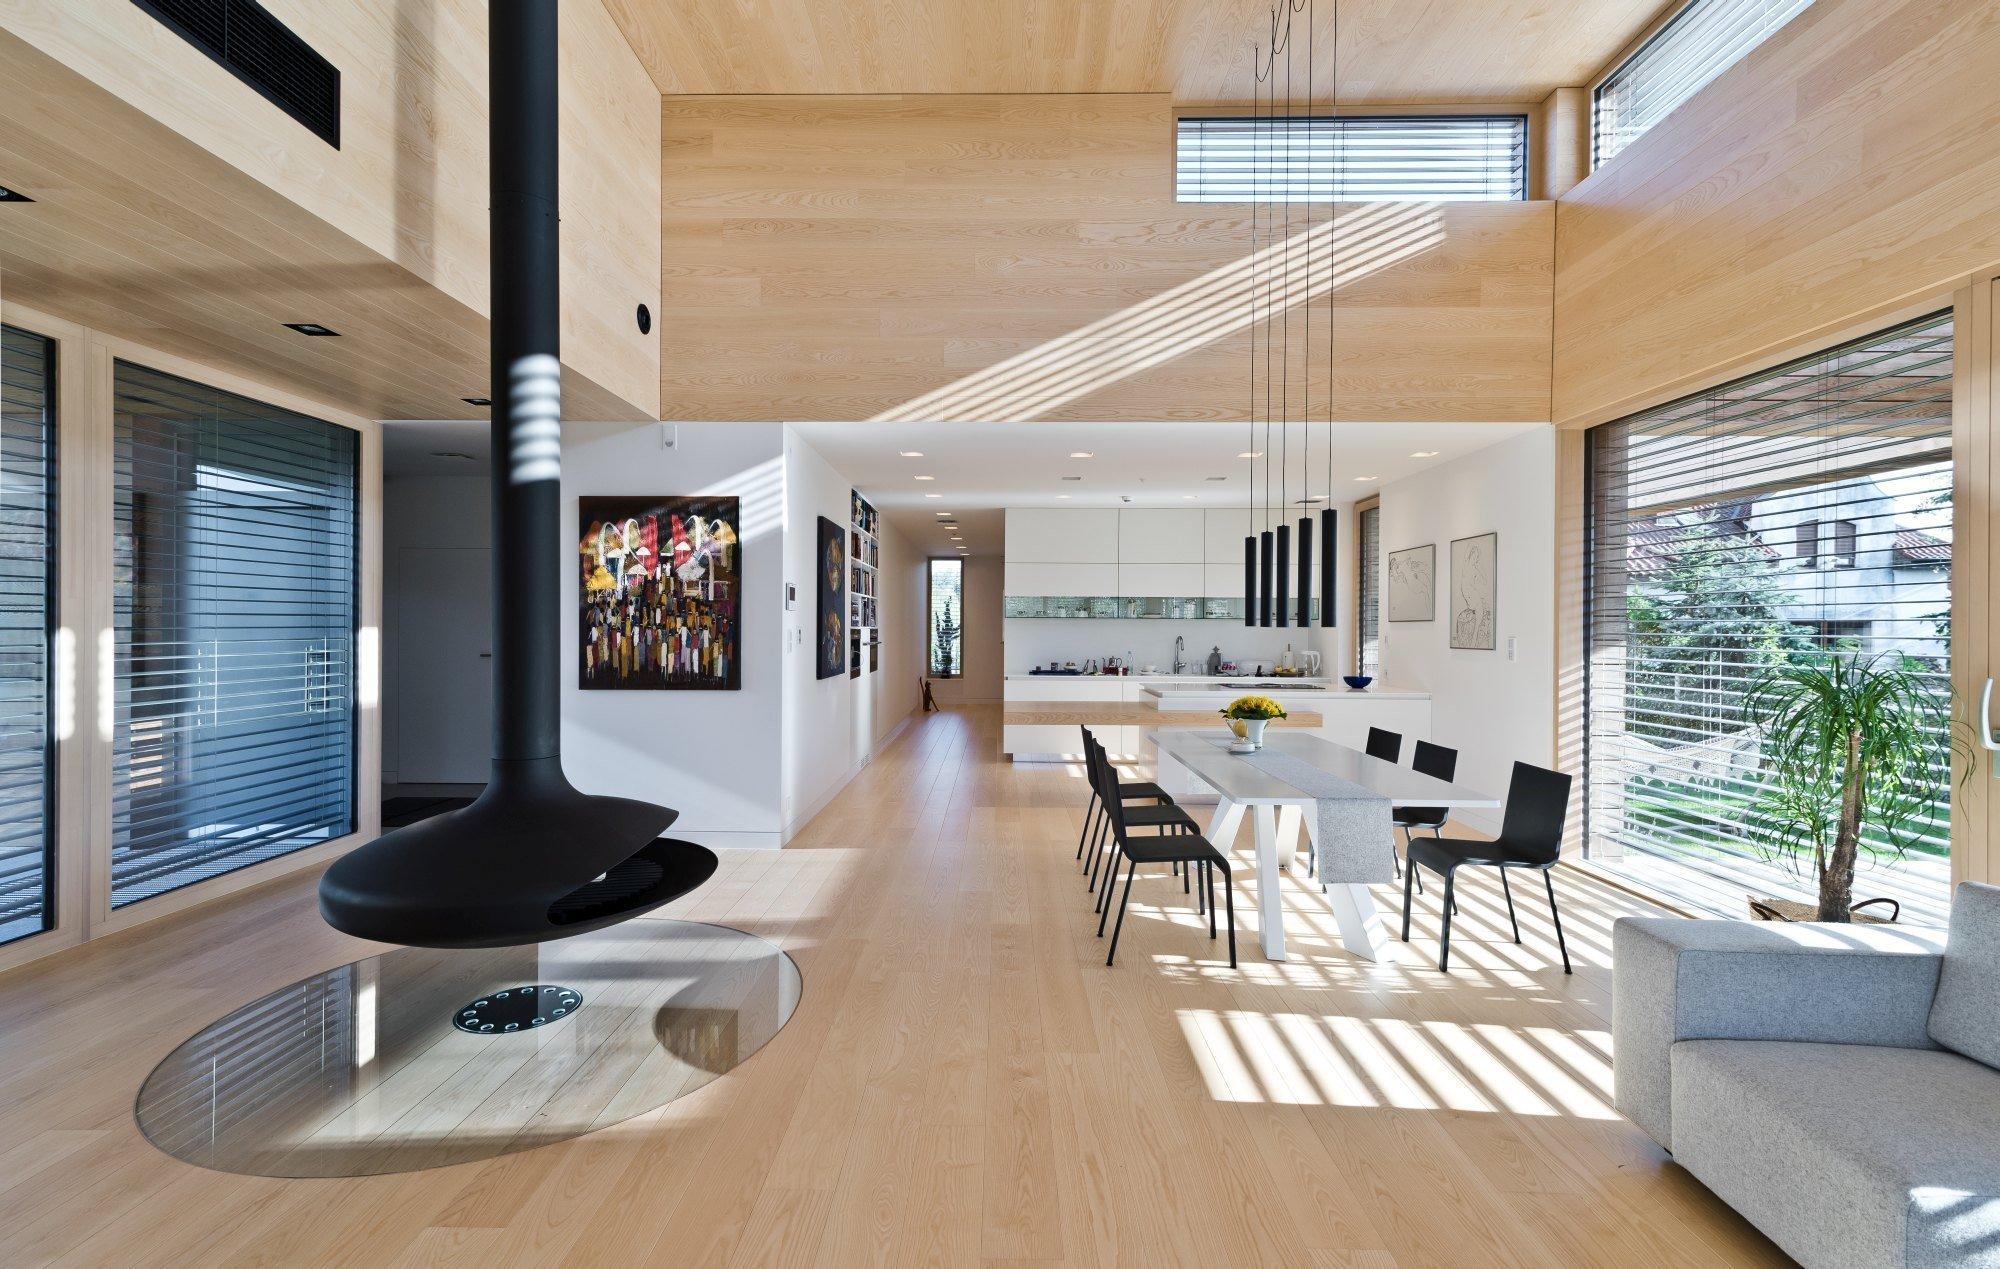 Moderní stavby dnes mohou mít různé podoby. Co mají všechny společné, je důraz na funkčnost, praktickou stránku a moderní technologie. Klasické přírodní materiály jsou ale v současné architektuře a designu stále velmi populární. Nejen díky své ekologické udržitelnosti, ale také pro své výborné vlastnosti. Představíme si dnes dům, který je moderní a zároveň plný přírodních materiálů.